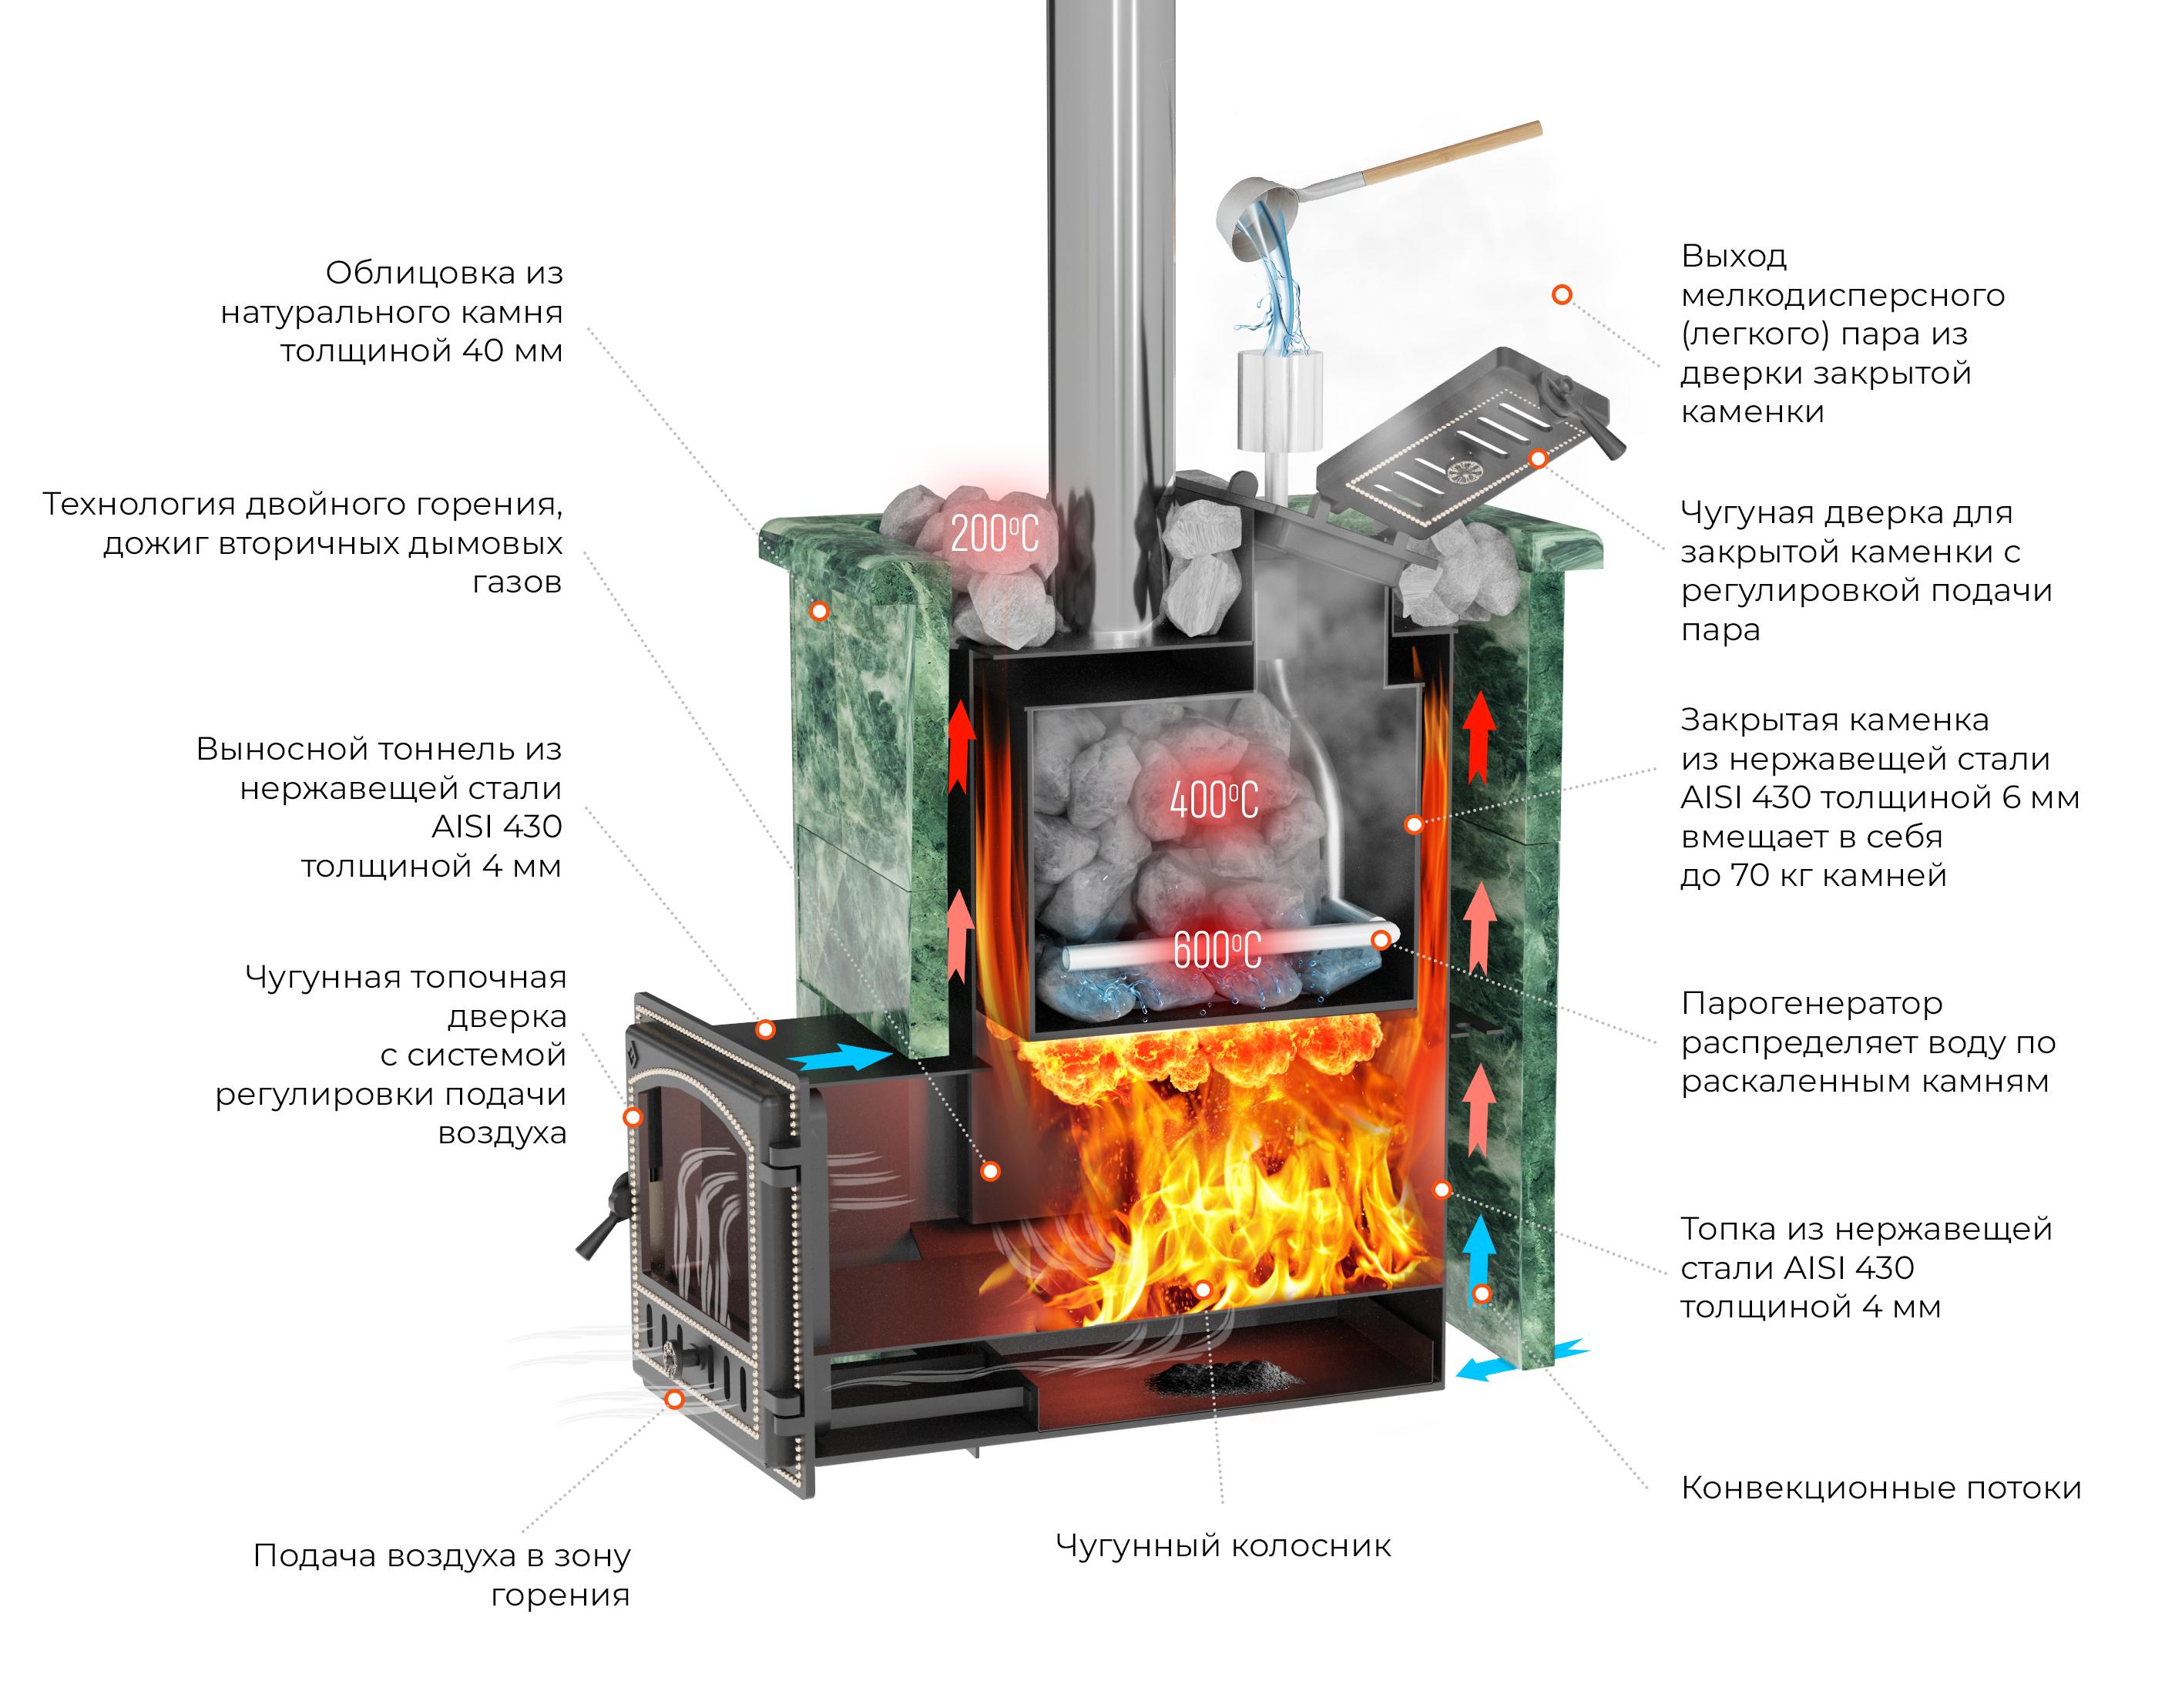 Банная печь Эверест INOX 20 (280) в облицовке пироксенит